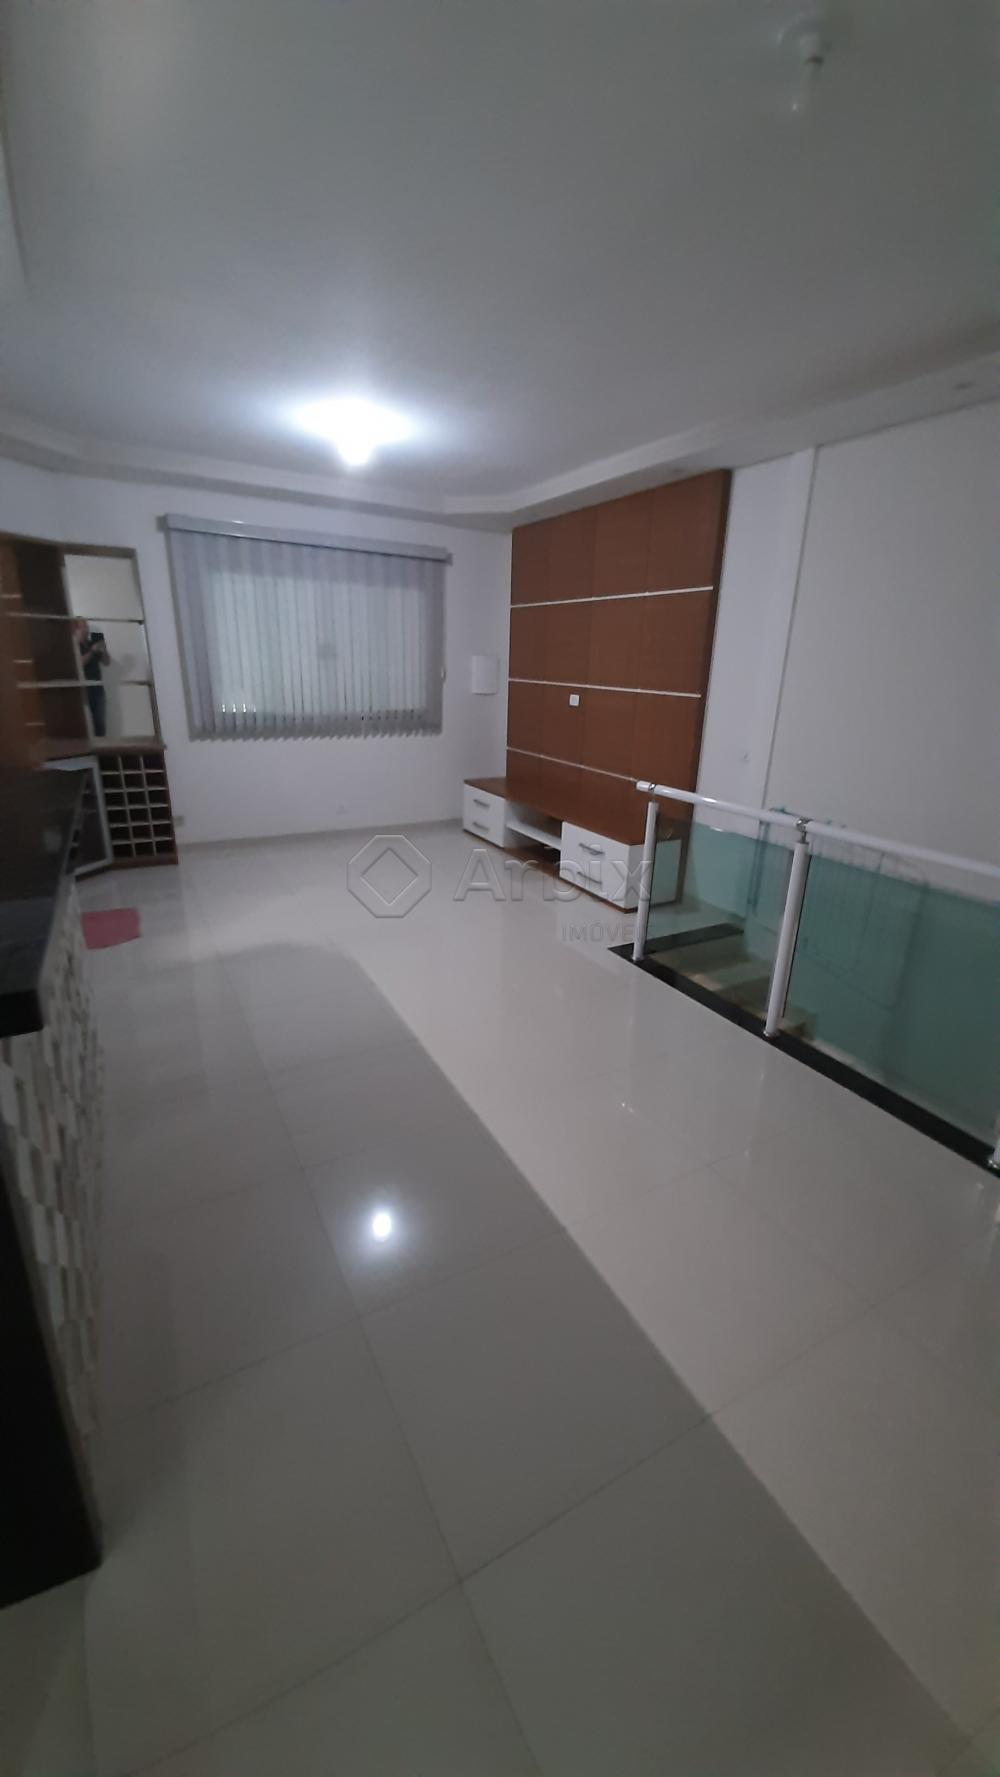 Alugar Casa / Residencial em Americana apenas R$ 1.600,00 - Foto 9